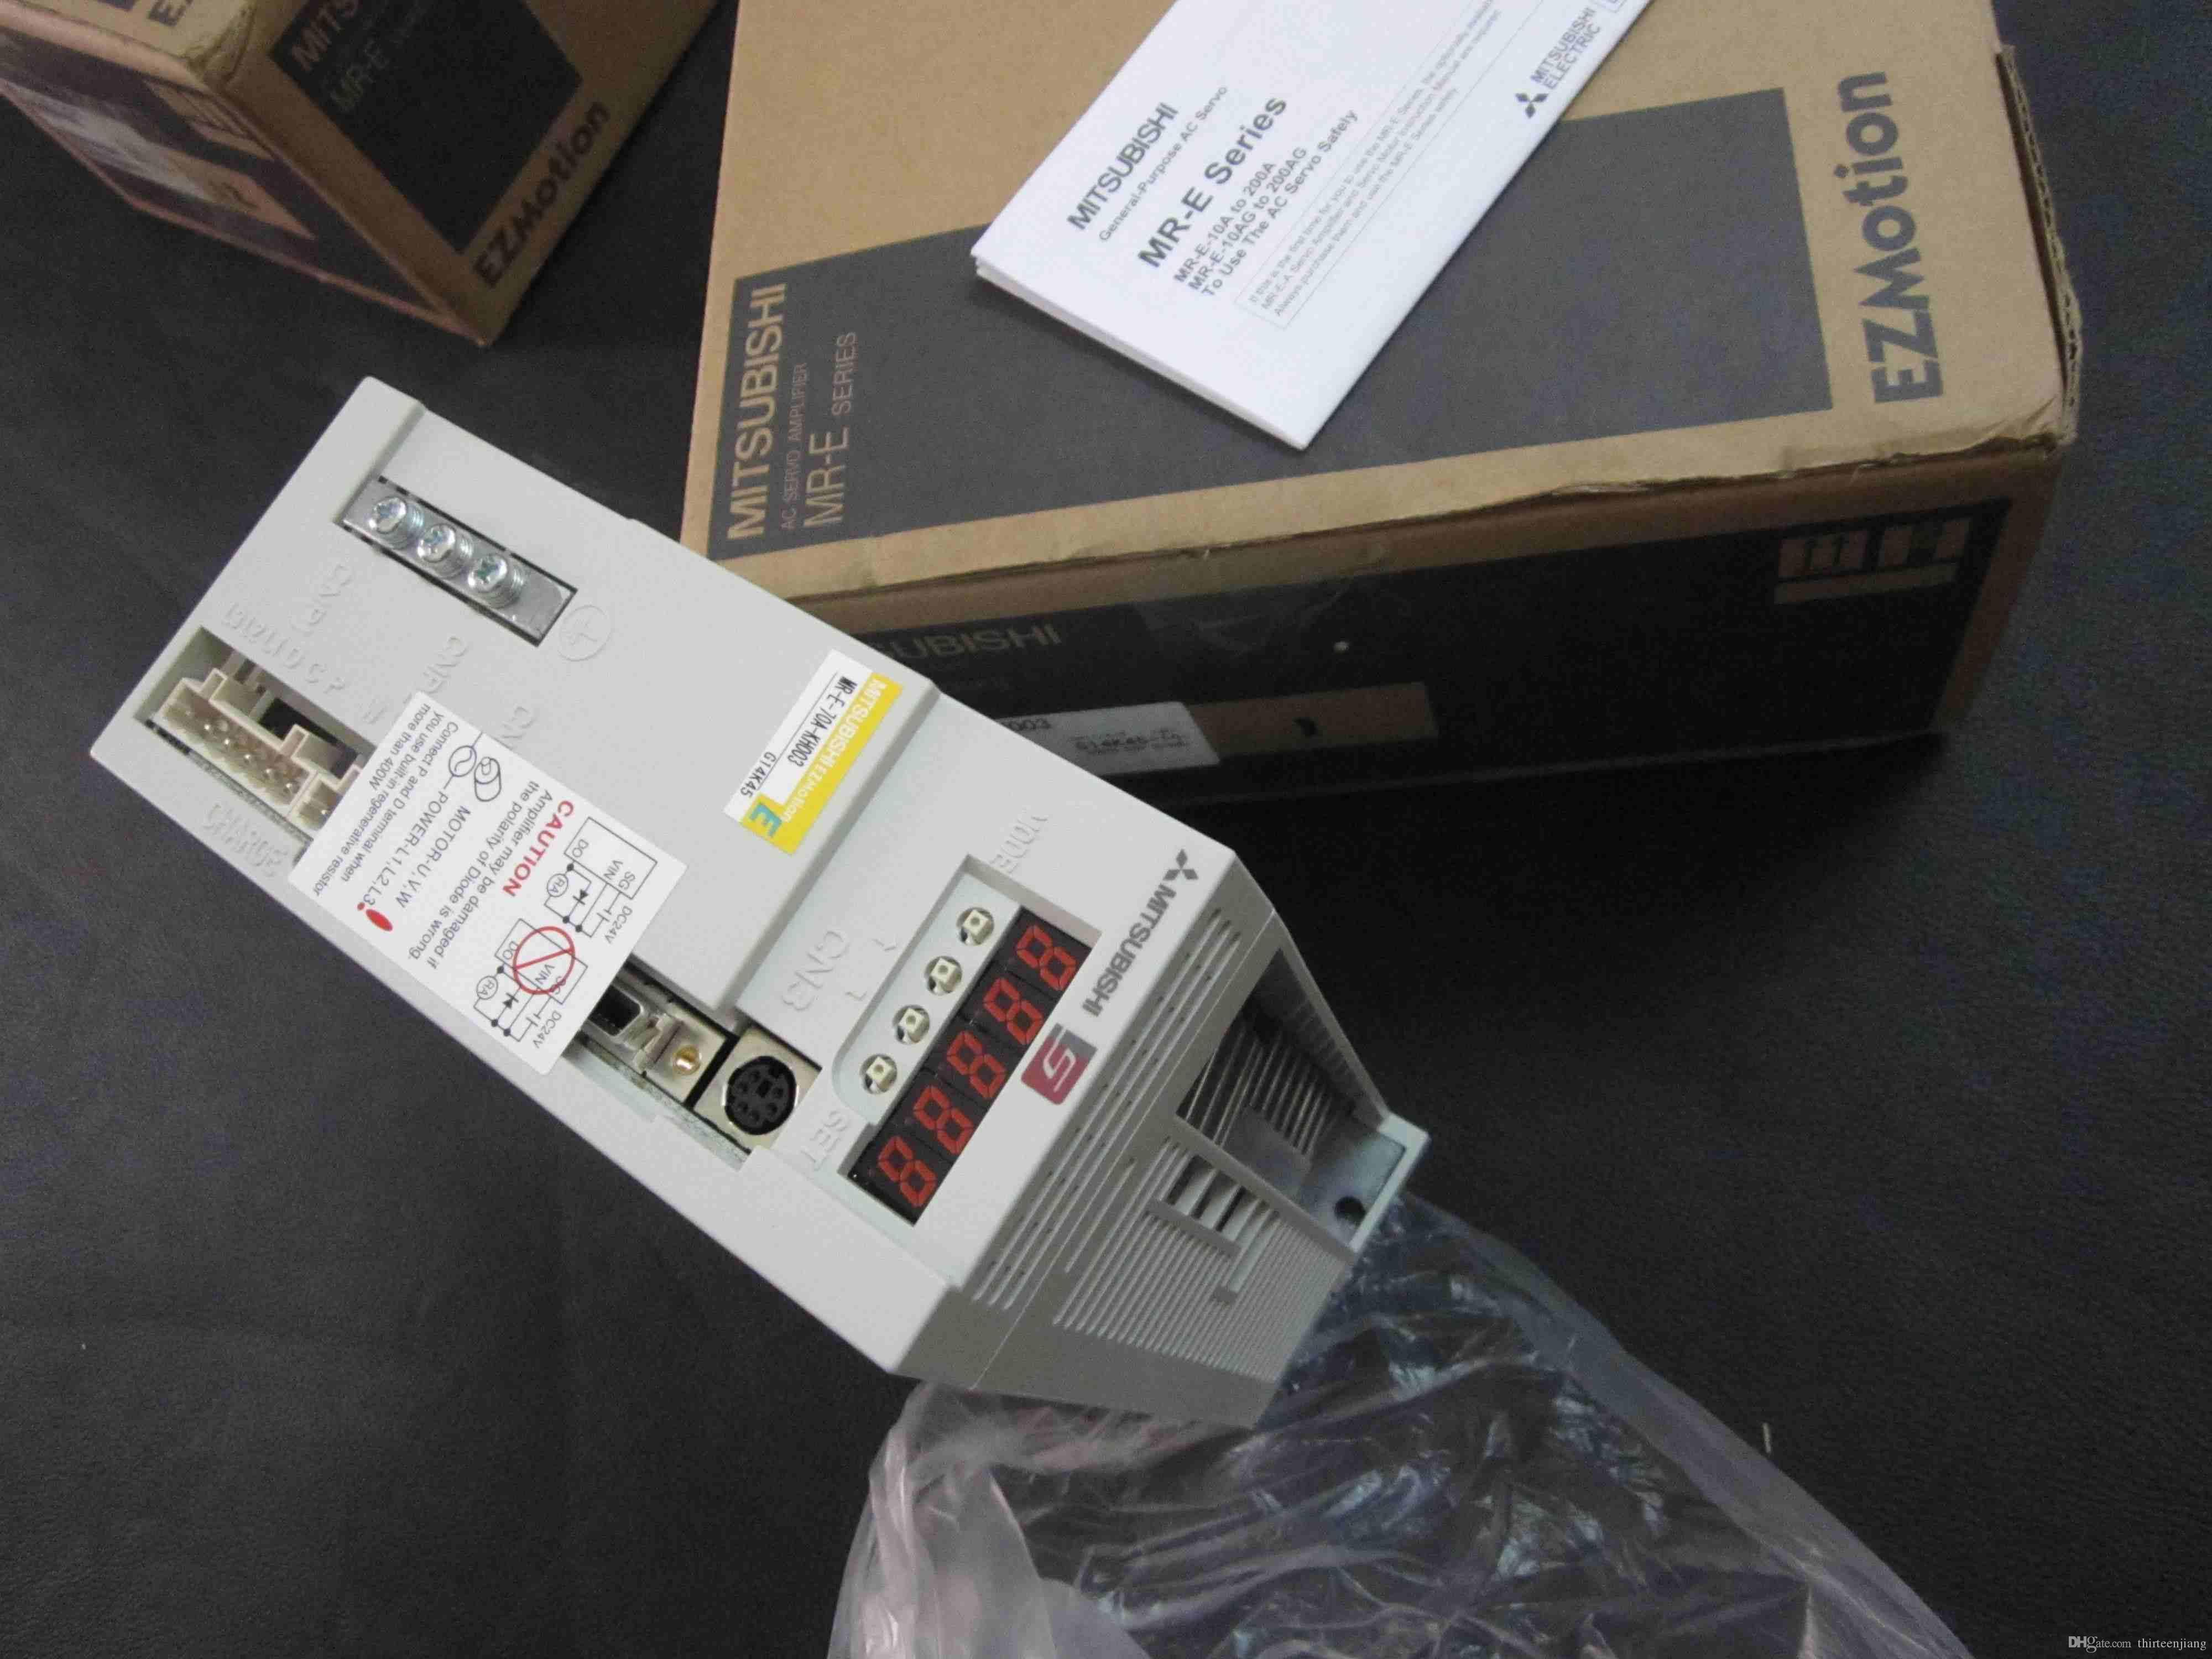 1 unids Mitsubishi servo drive MR-E-70A-KH003 MRE70AKH003 Nuevo en caja Envío Gratis